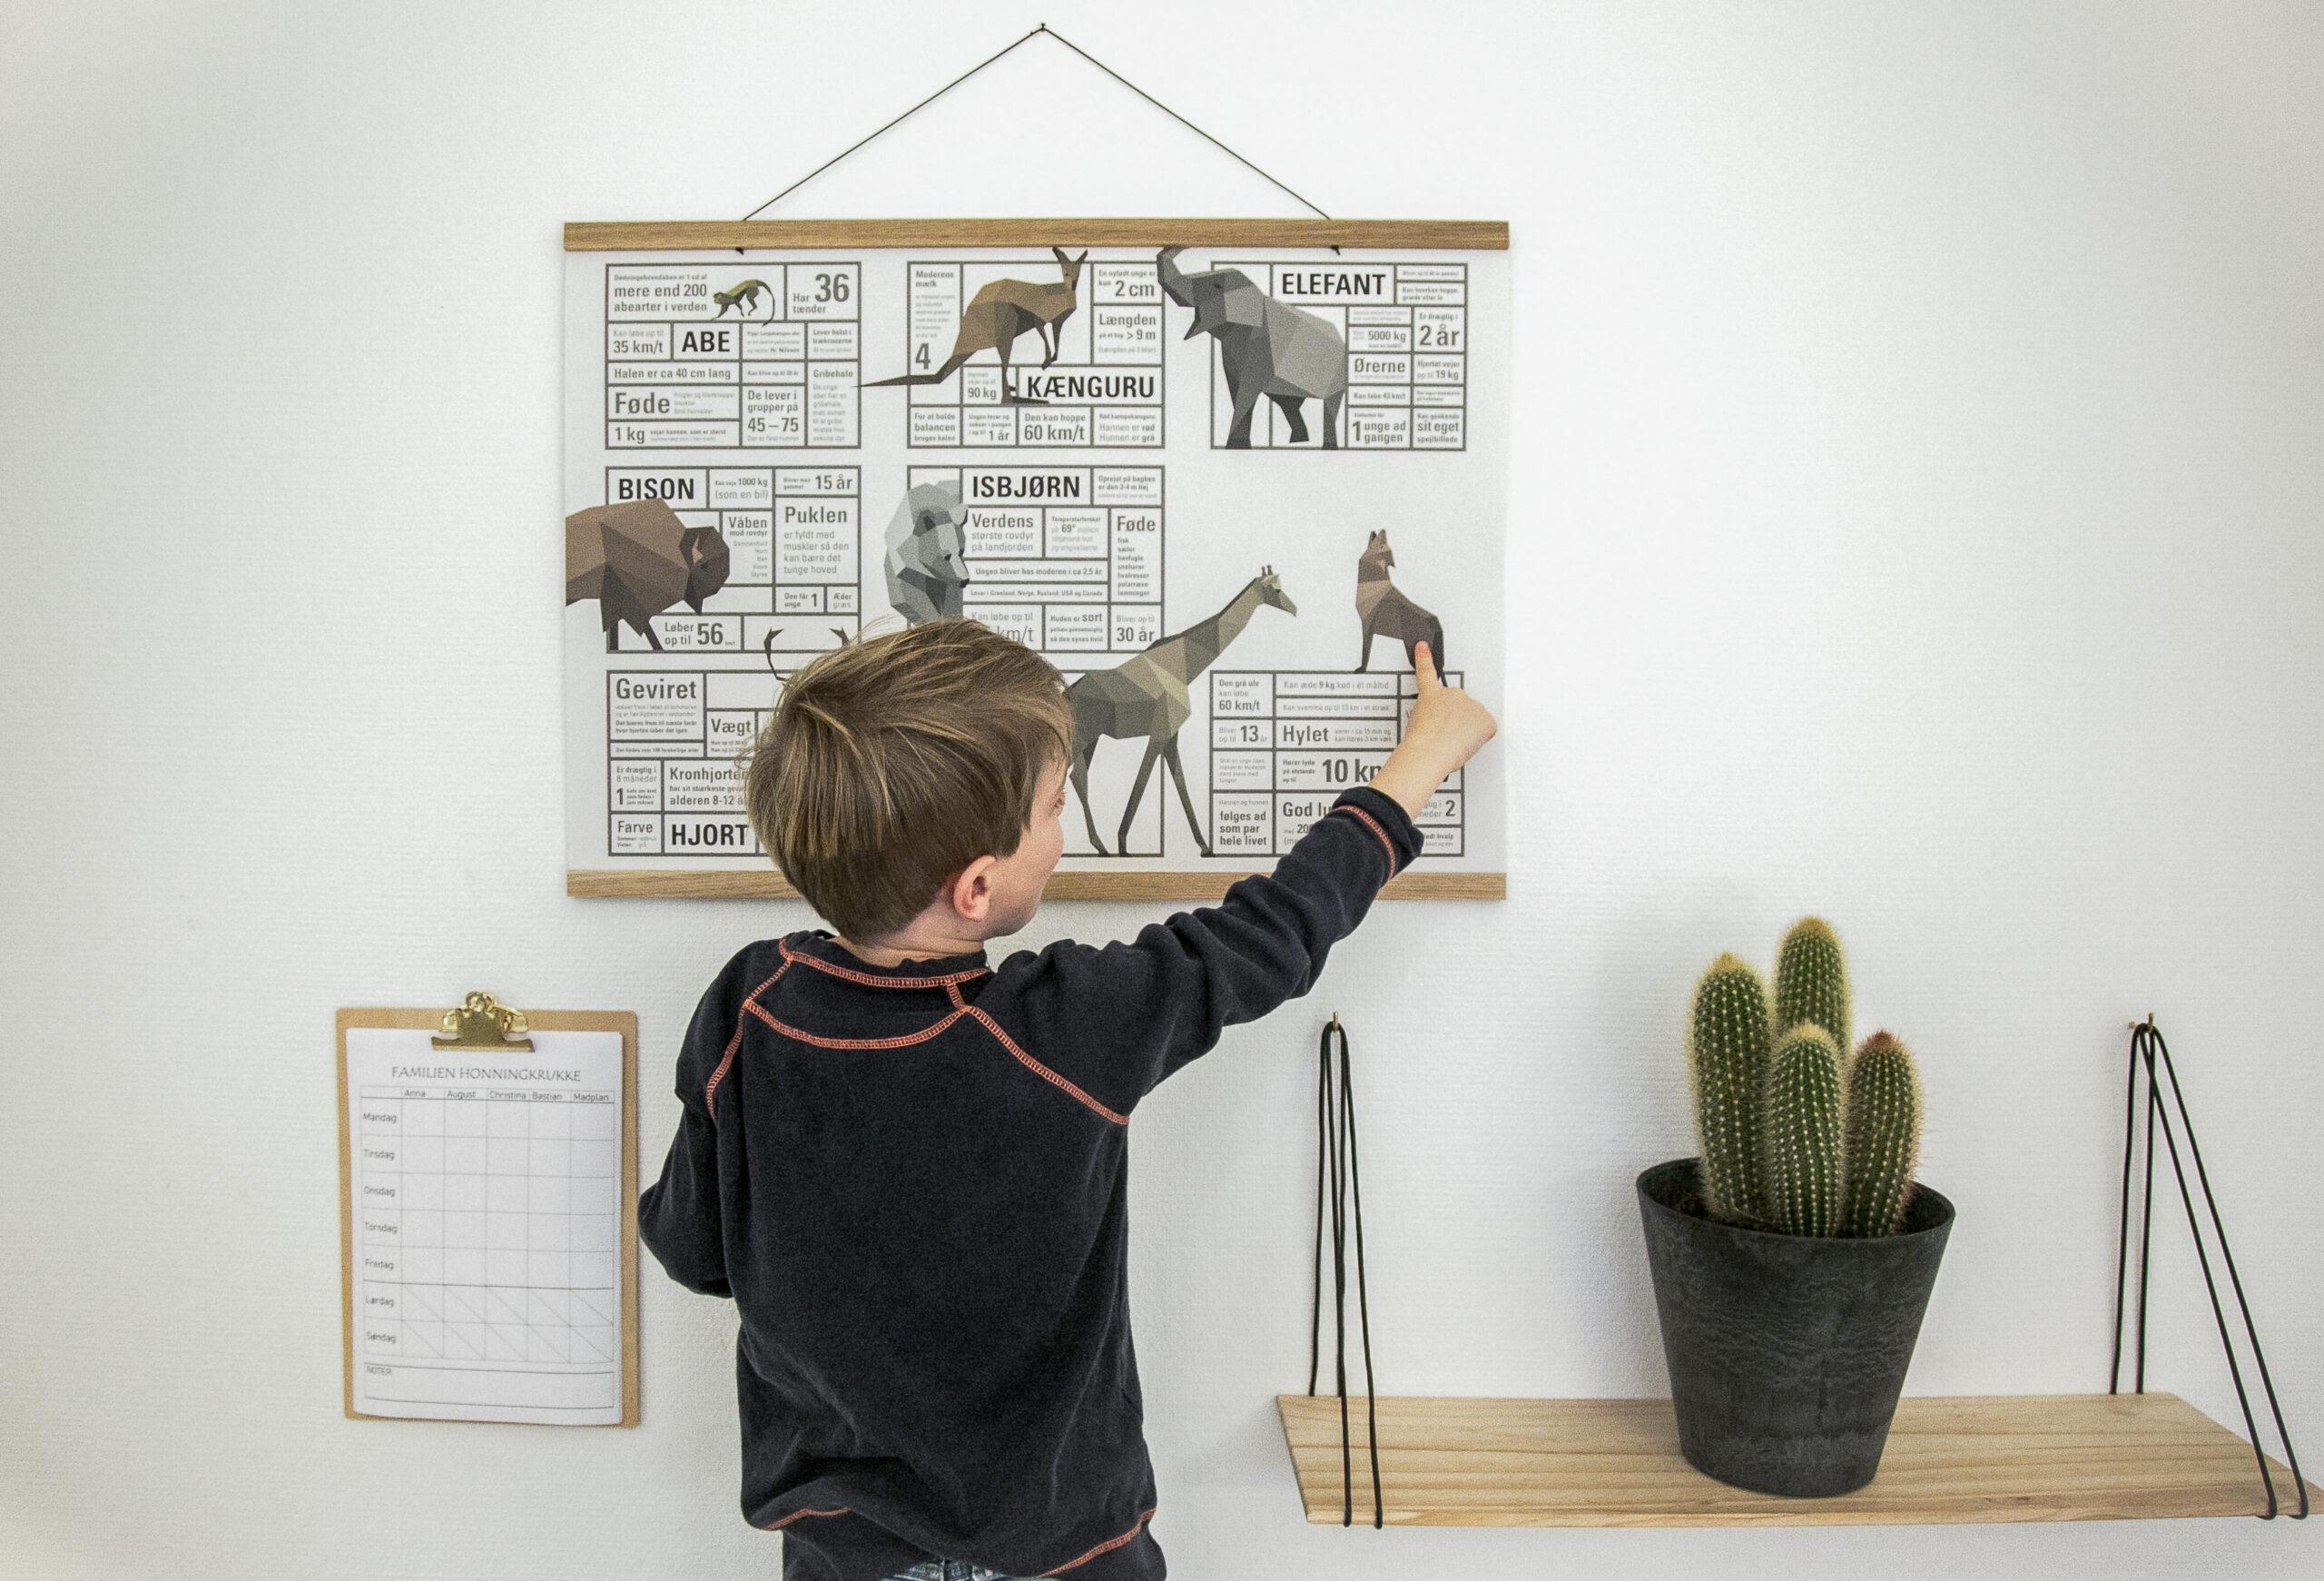 verdensplakat, verdenskort, verden med dyr